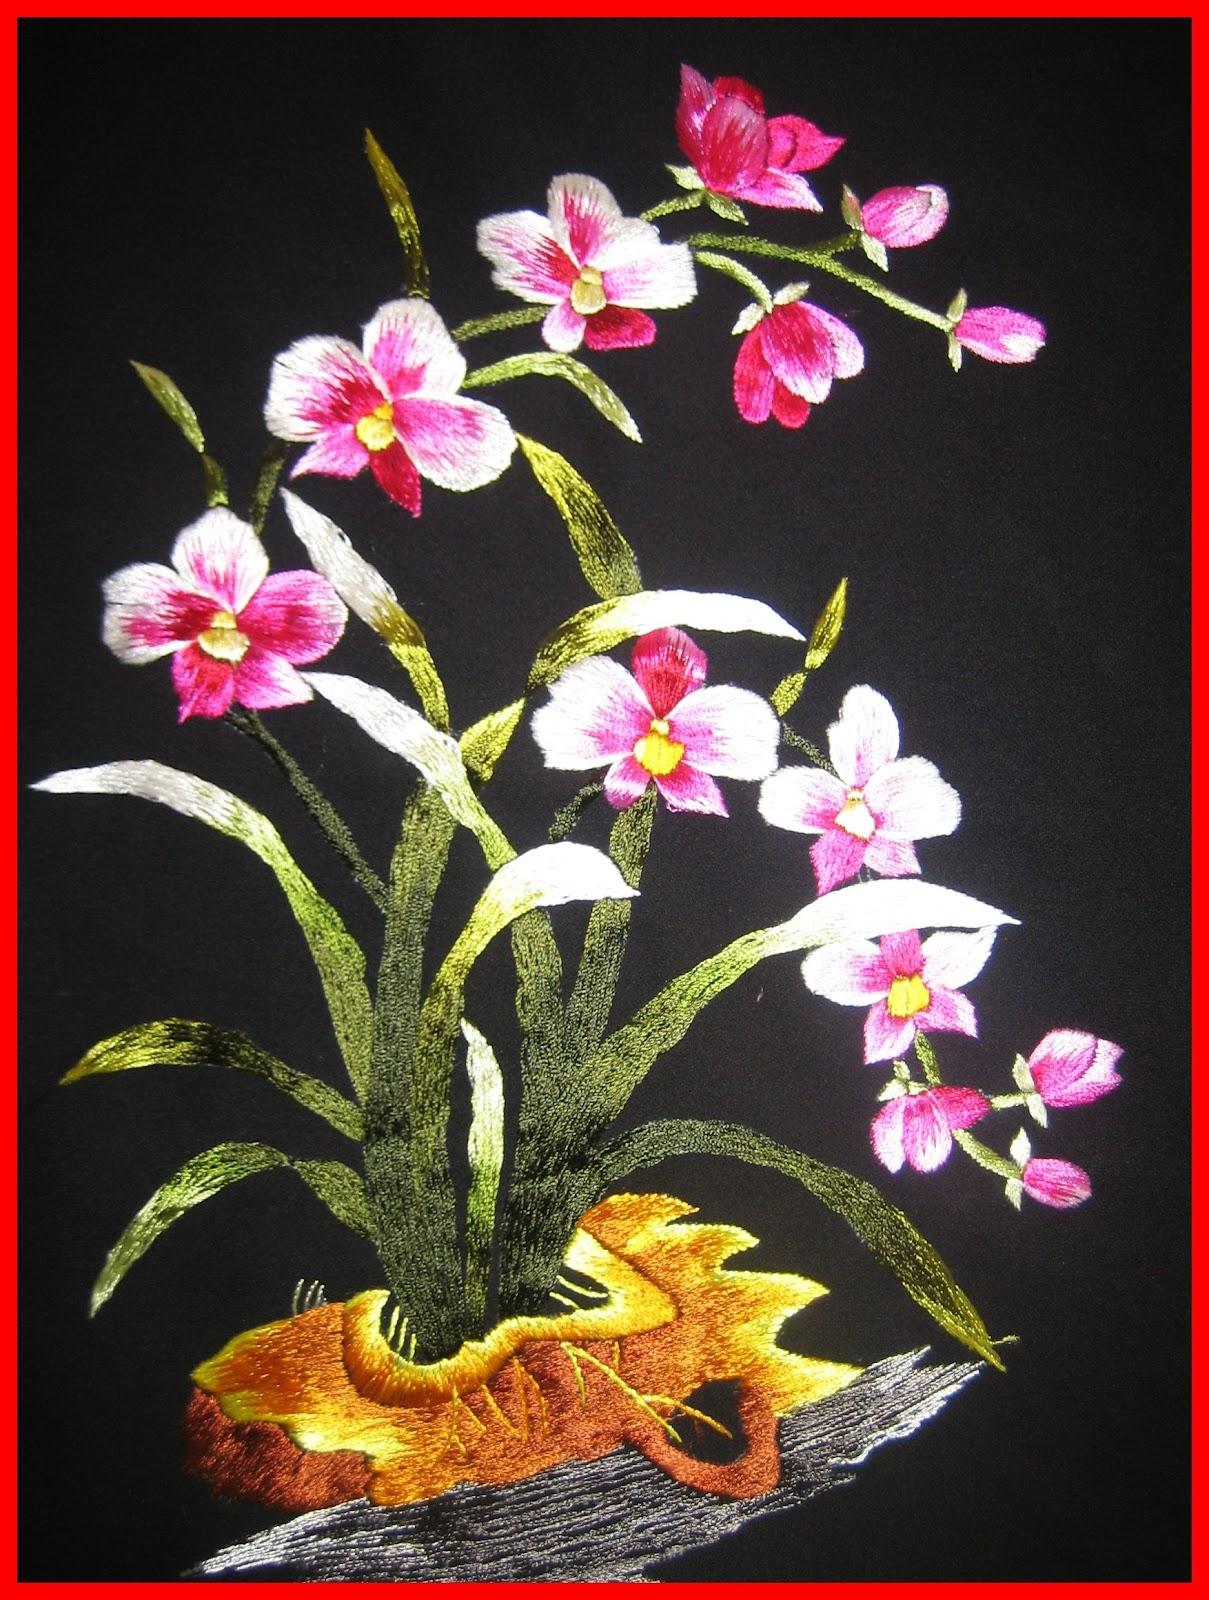 Tranh thêu hoa lan và ý nghĩa đặc biệt trong phong thủy 10